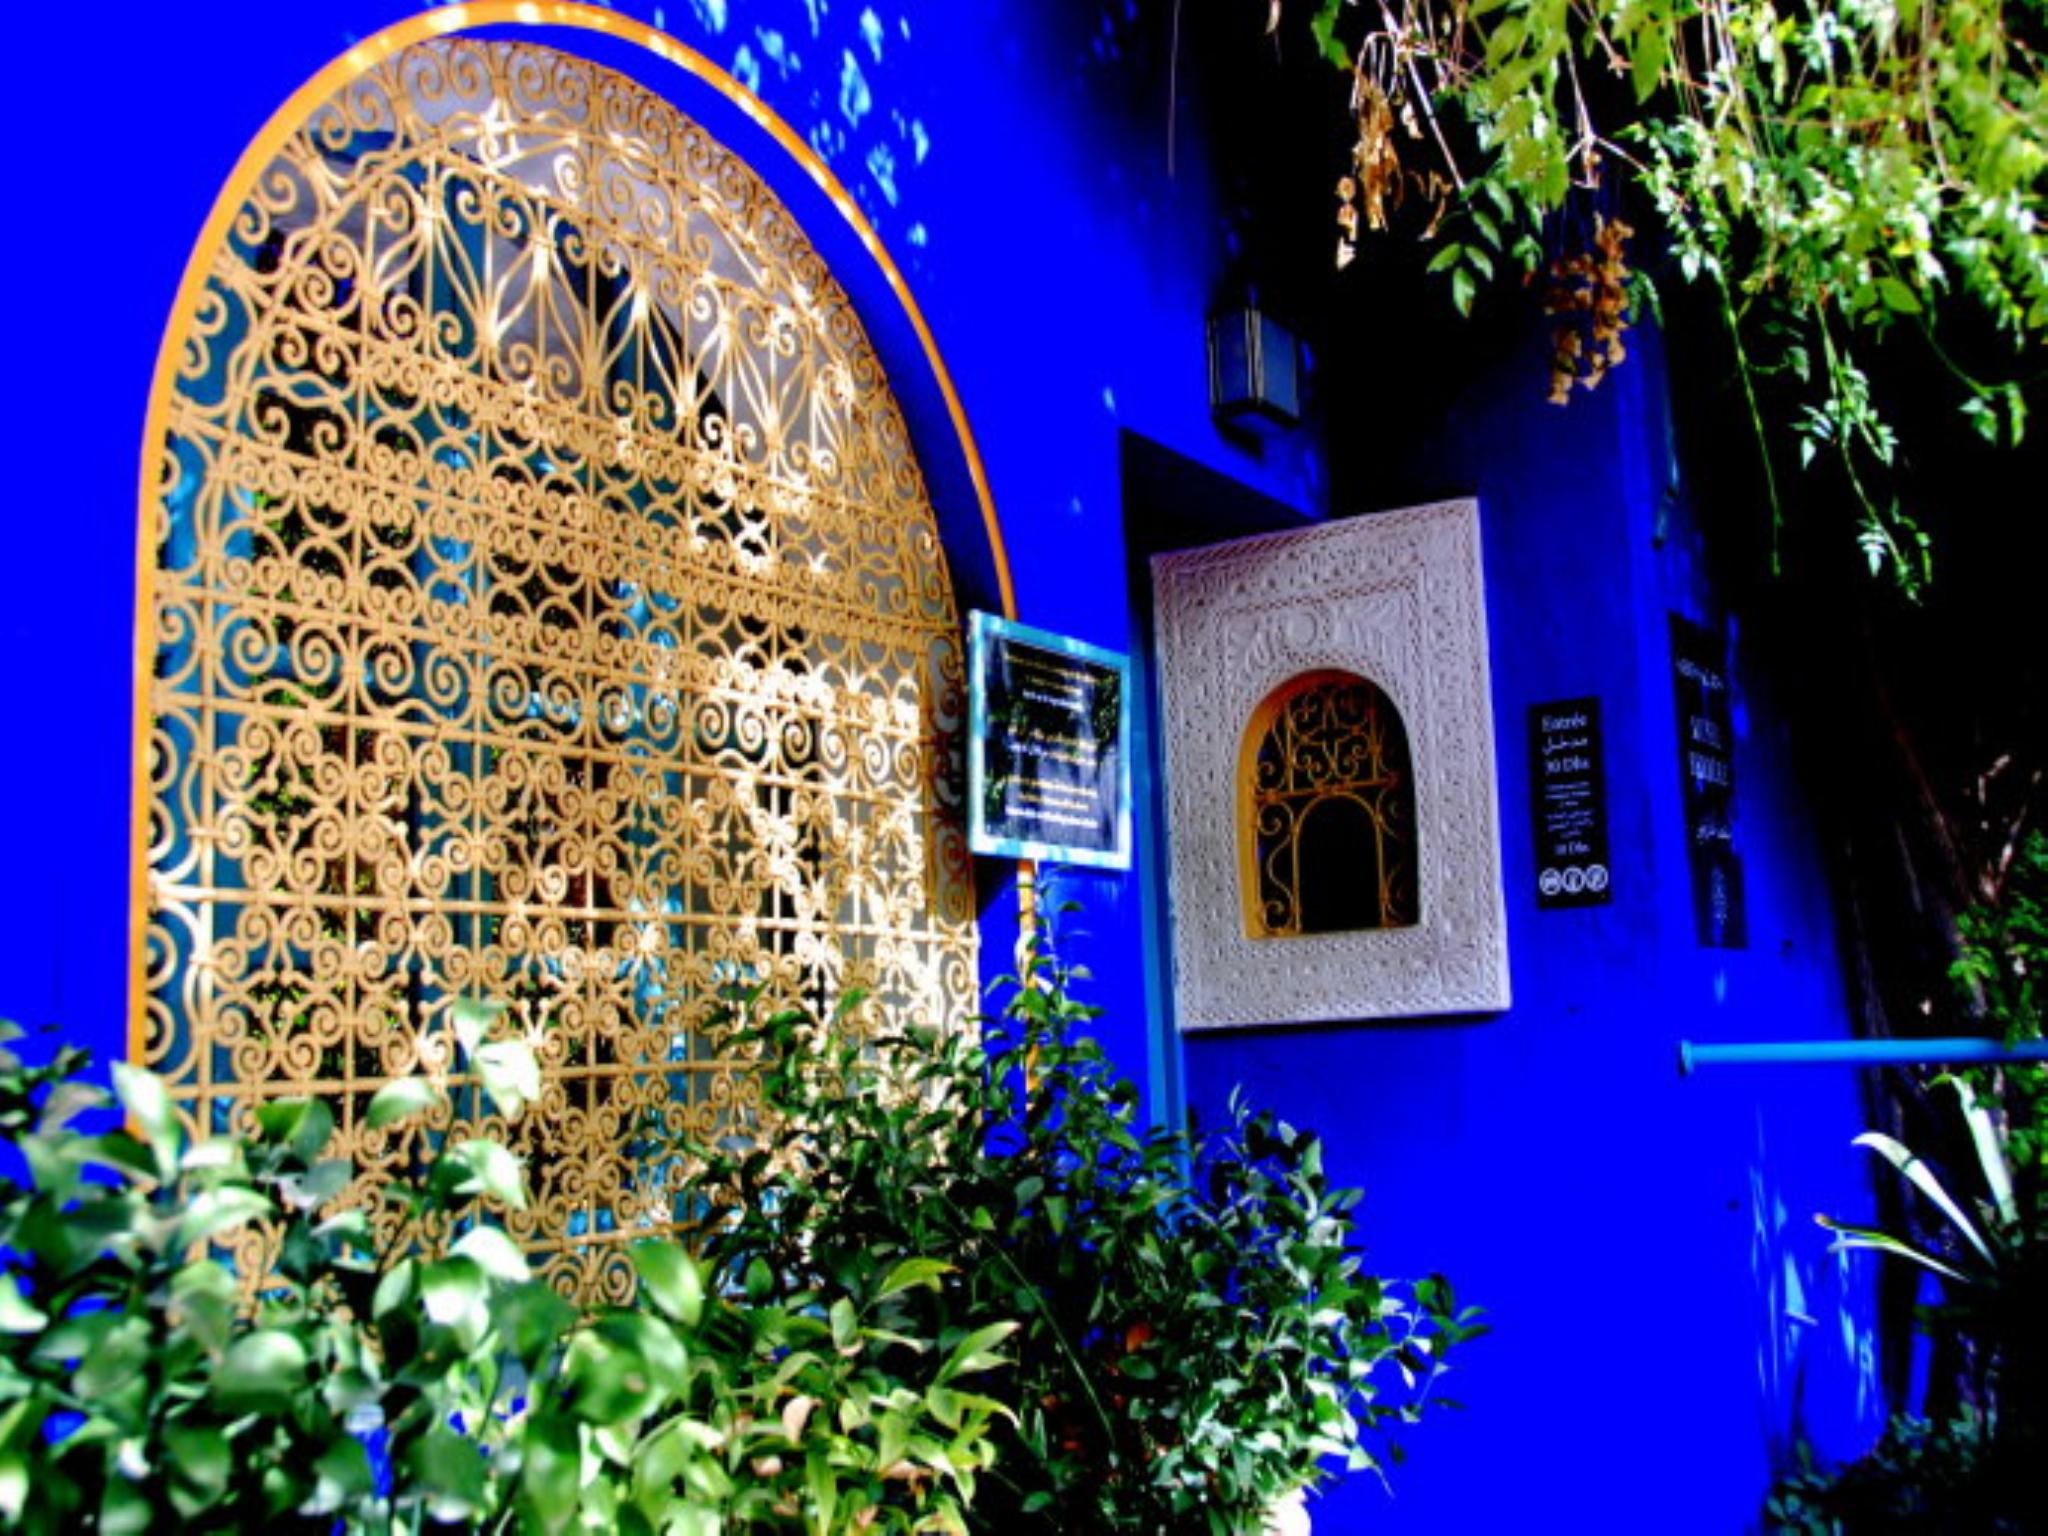 乌鲁木齐到摩洛哥旅游_乌鲁木齐到摩洛哥旅游